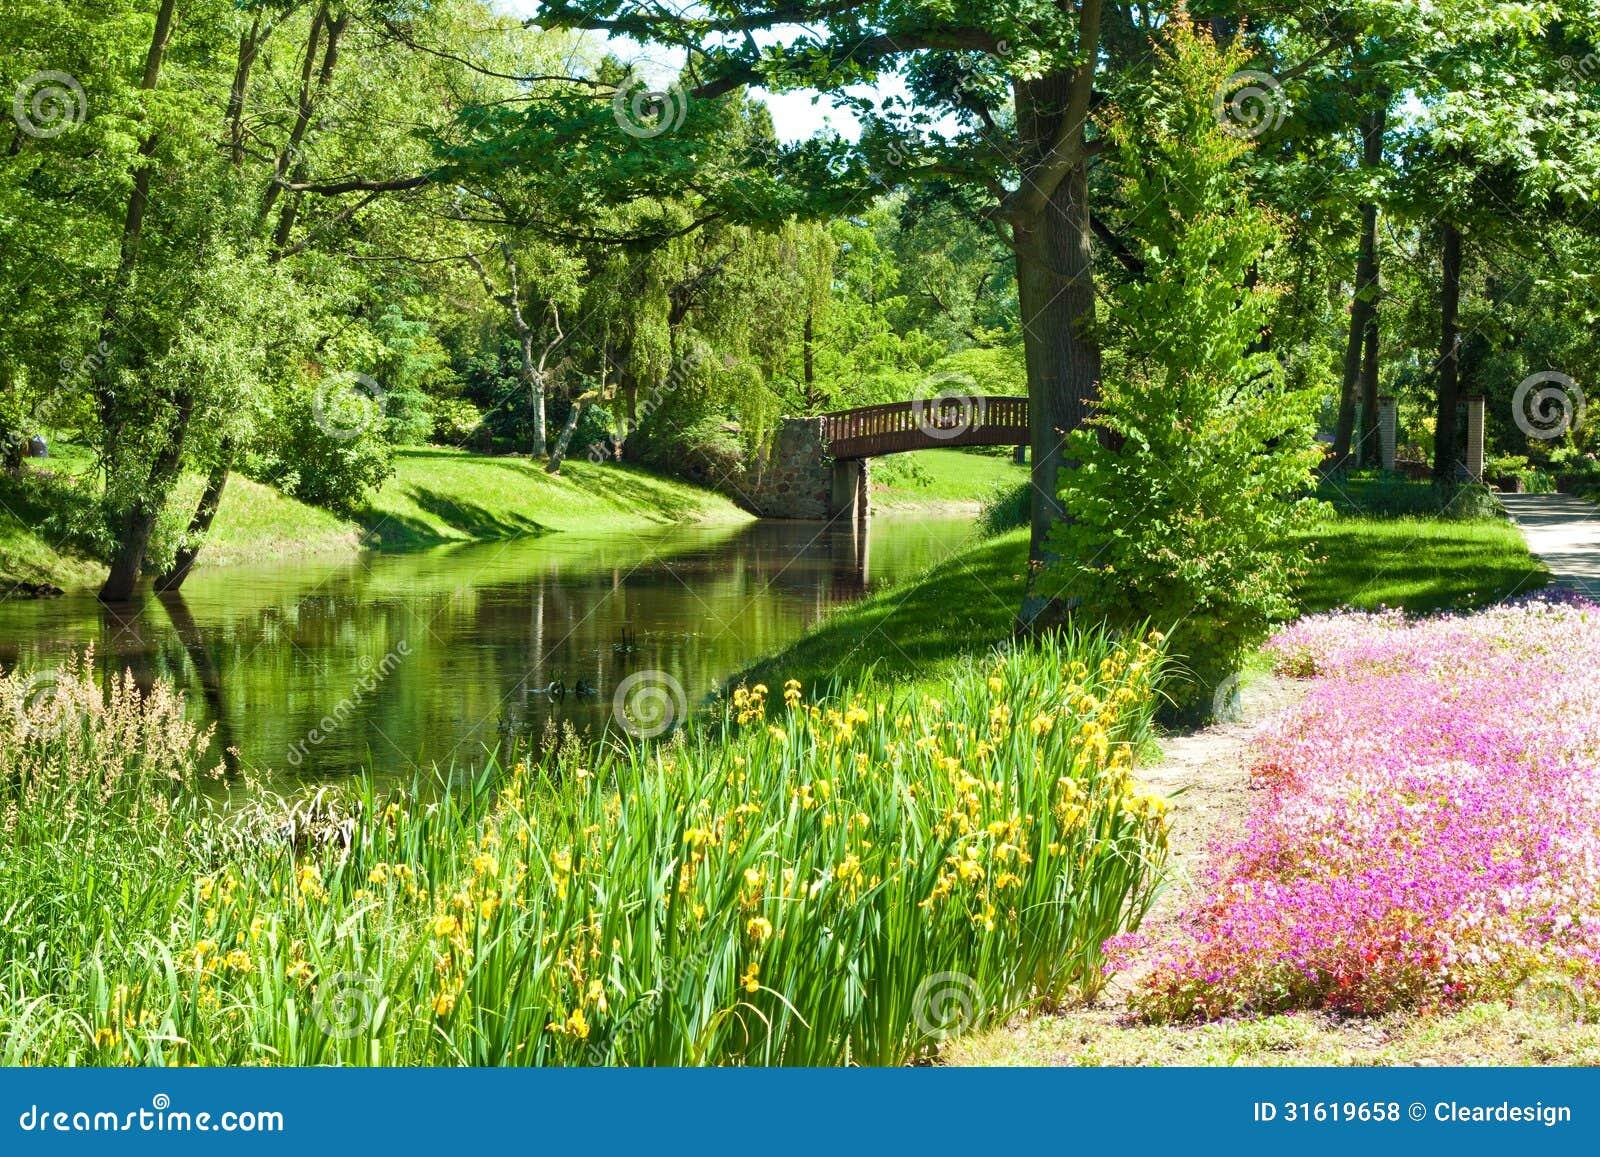 spring garden bridge park - photo #3